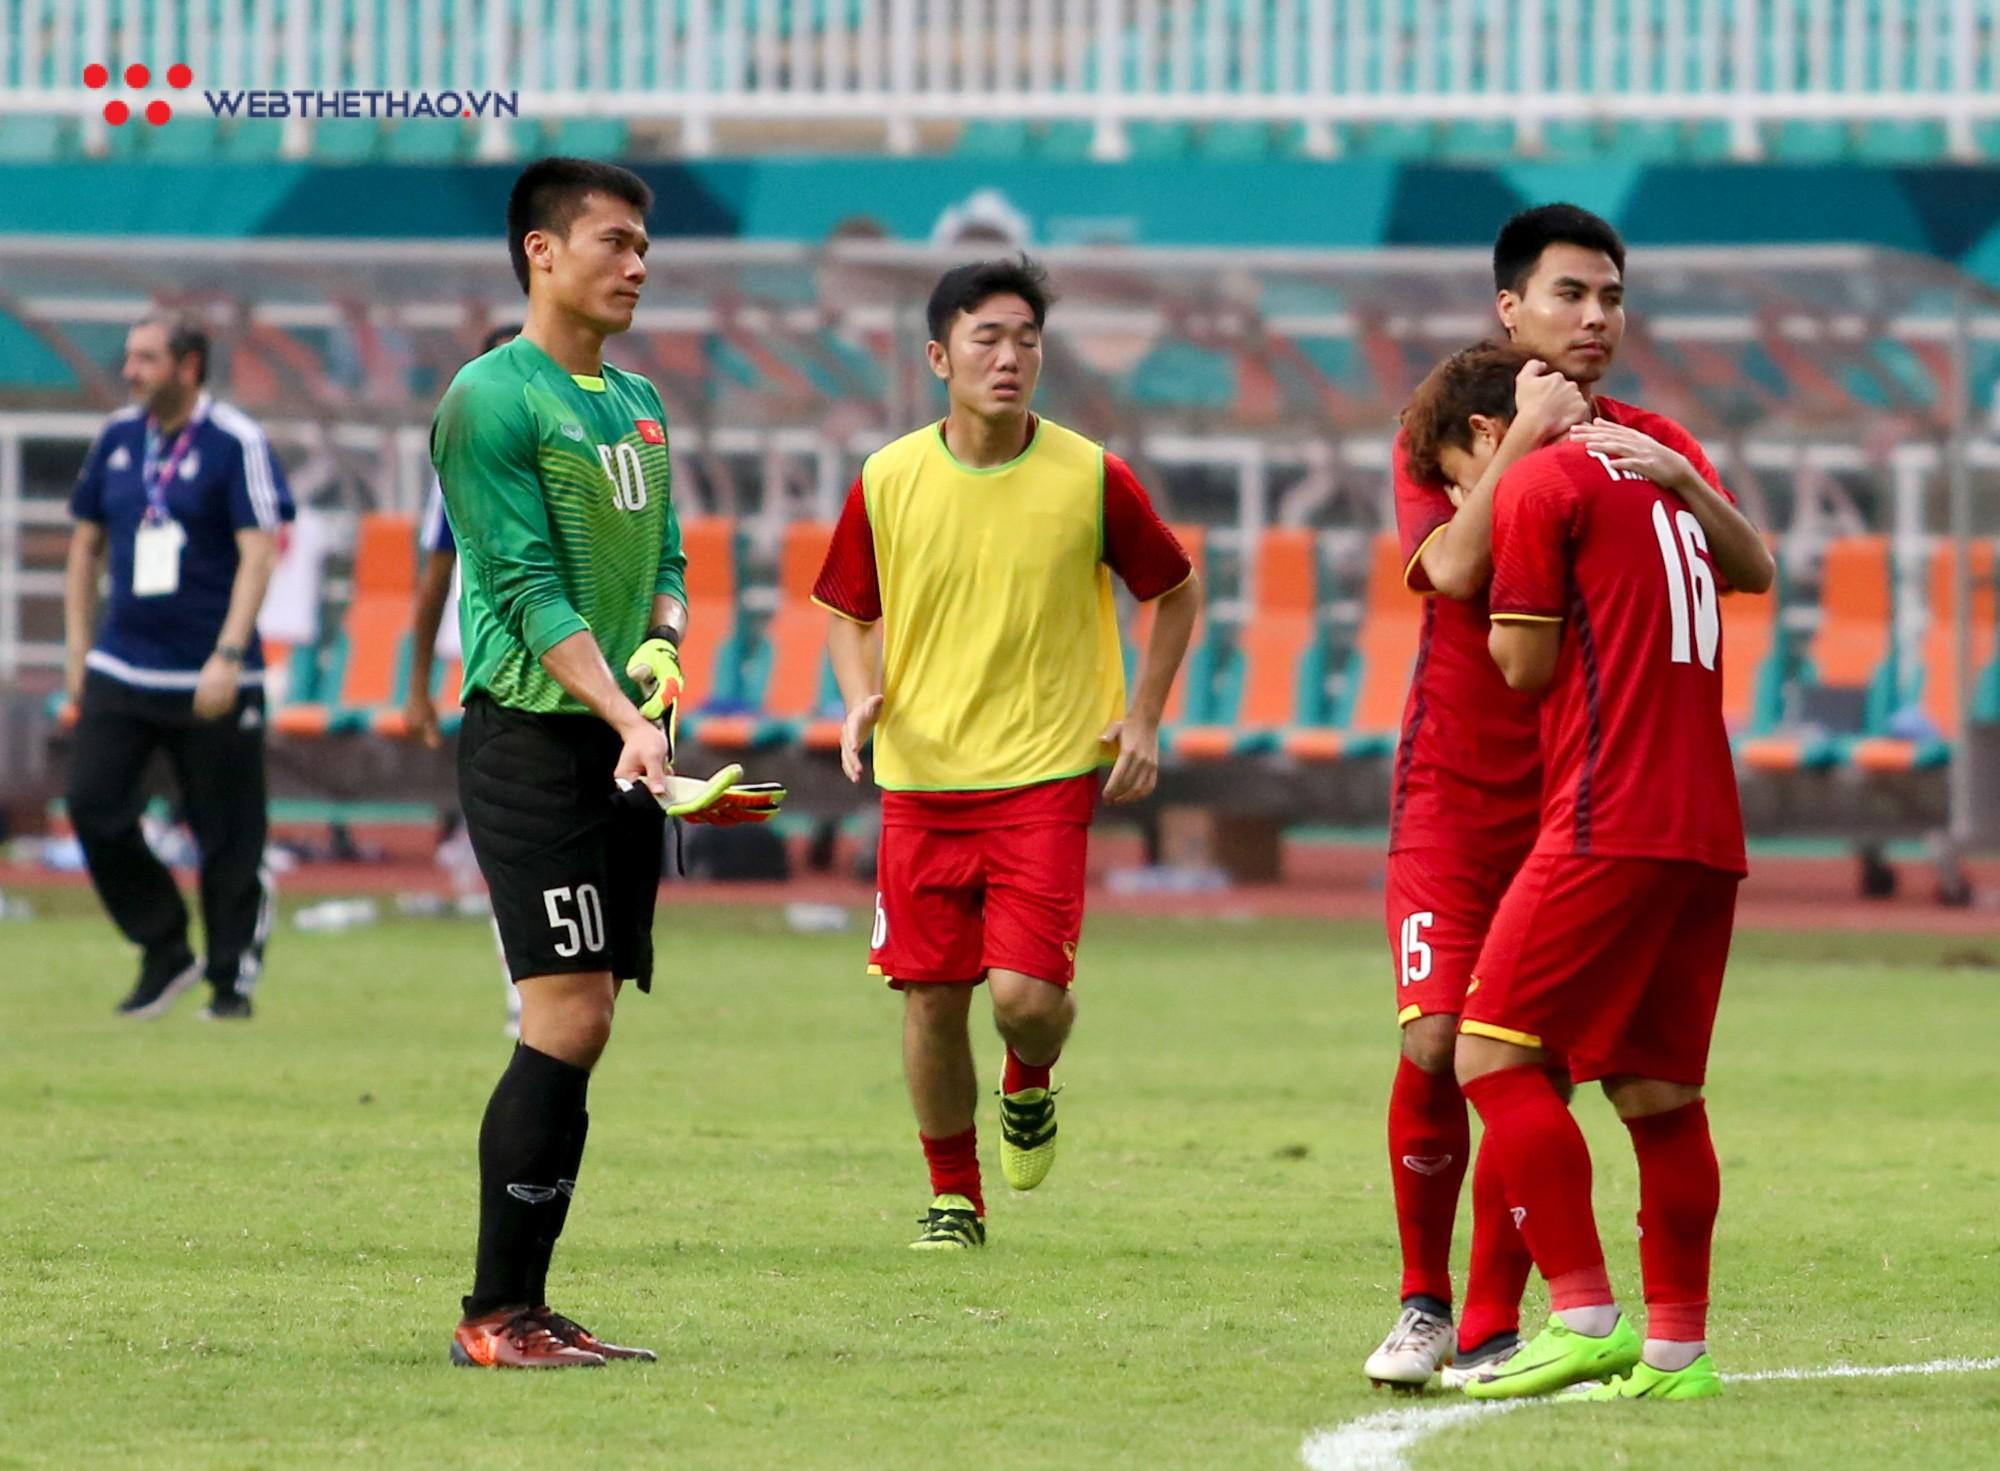 Văn Quyết tập tễnh, Văn Thanh phải nhờ đồng đội cõng sau chiều buồn tại Pakansari - Ảnh 9.